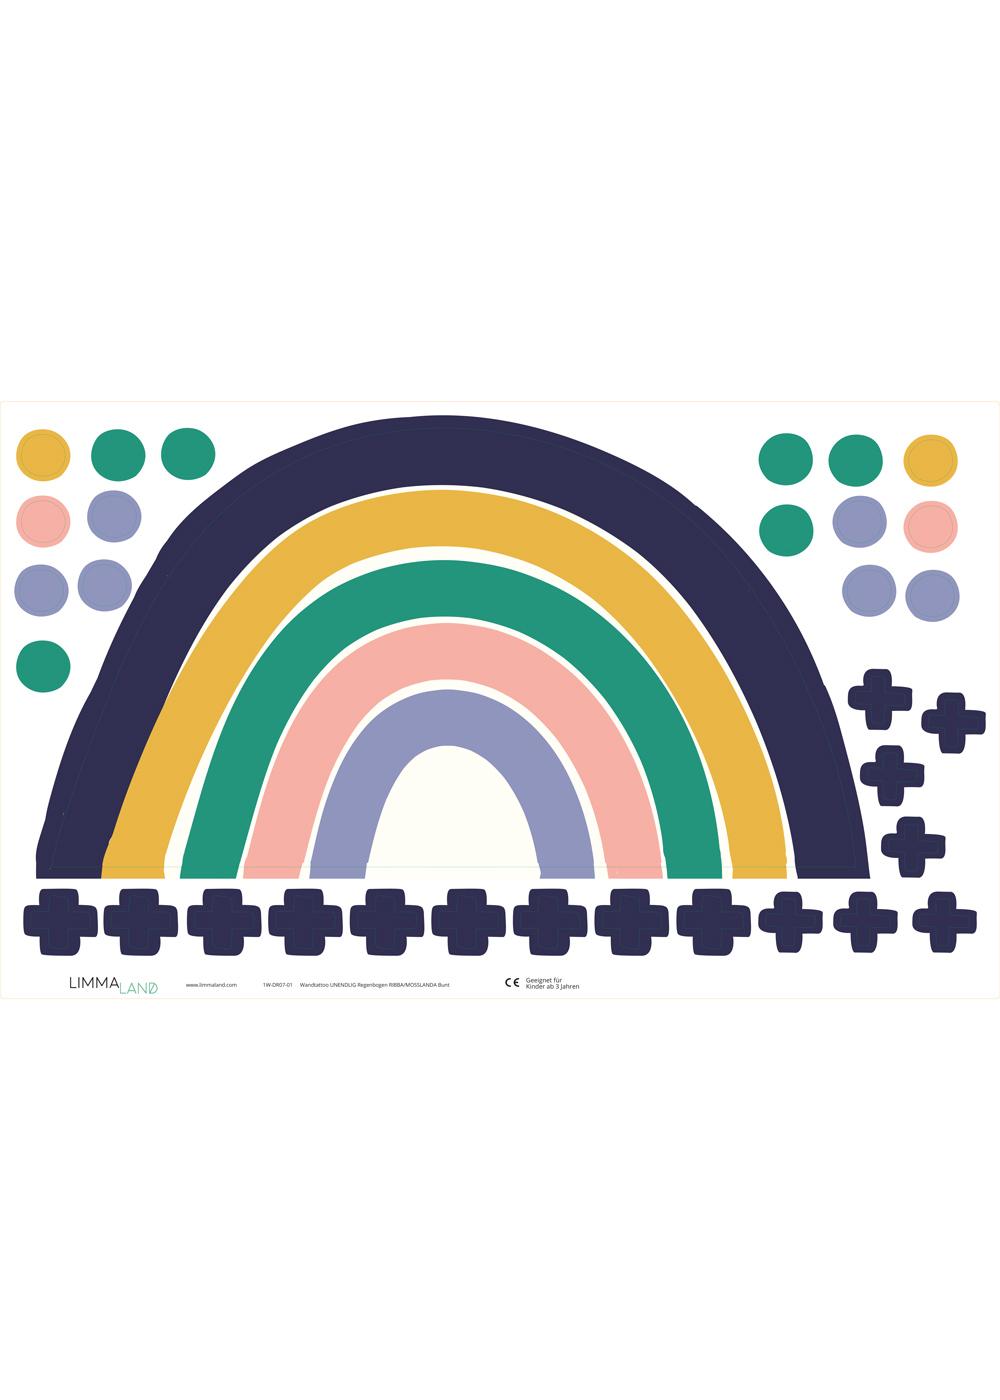 Ikea Mosslanda Bilderleiste Vielfalt Regenbogen Nachtblau Senf Druckvorlage